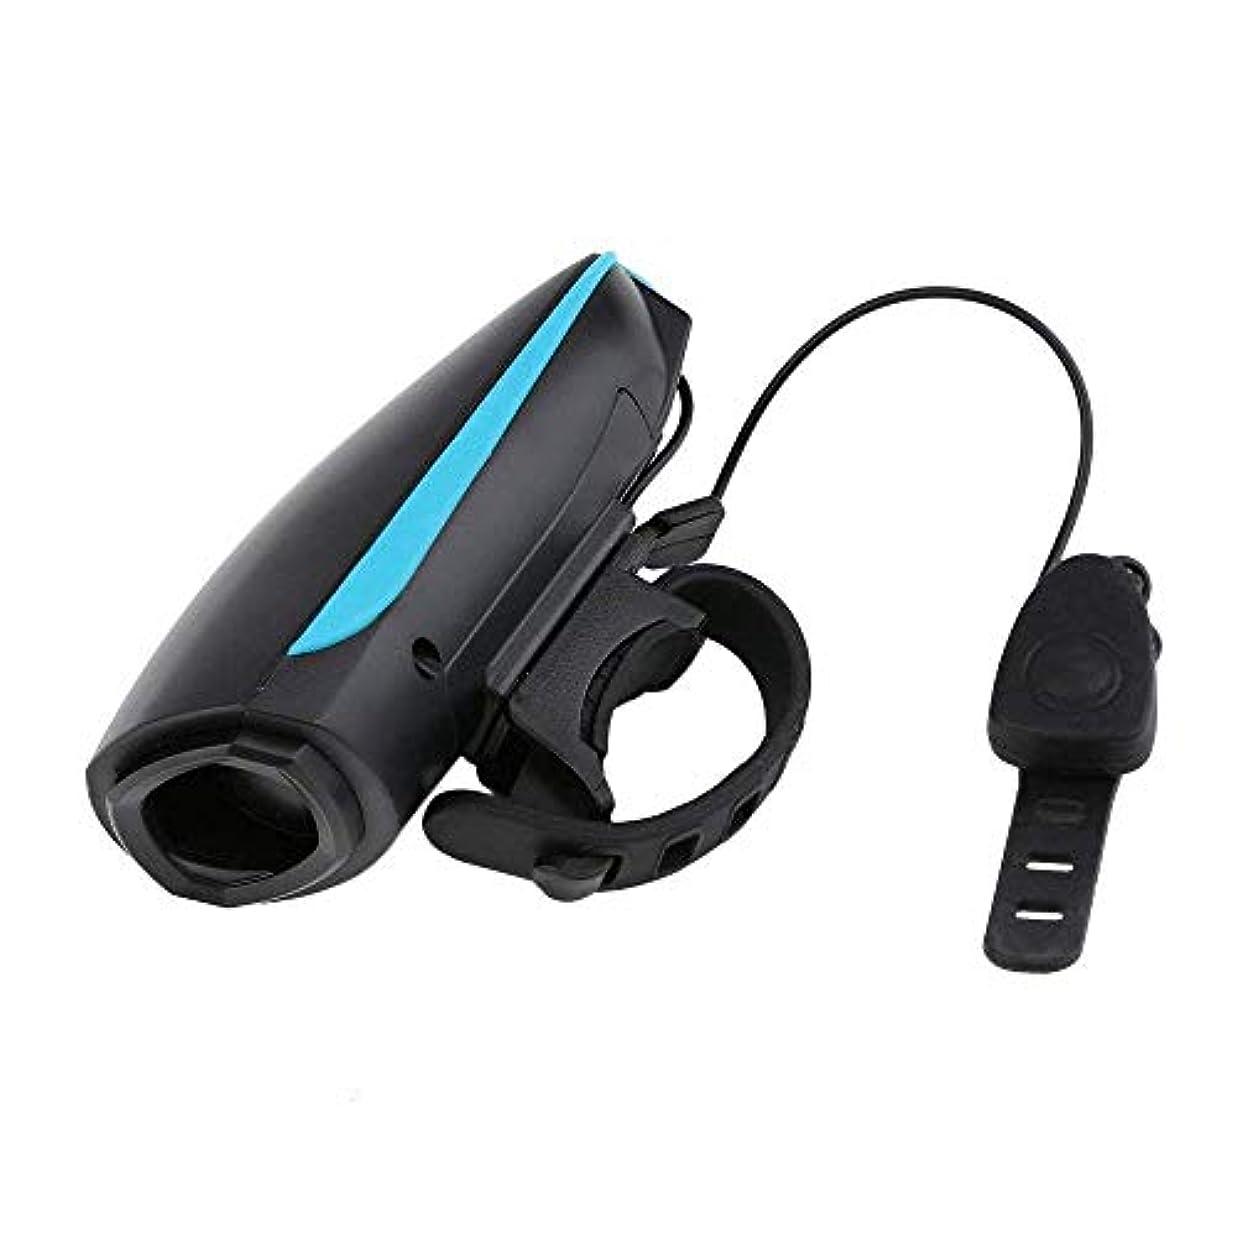 教育するやさしい準備するMercuryGo 自転車ベル 電子ホーン 警音器 大音量 防犯 自転車用 鈴 軽量 防水 取り付け簡単 自転車安全警告 ブルー